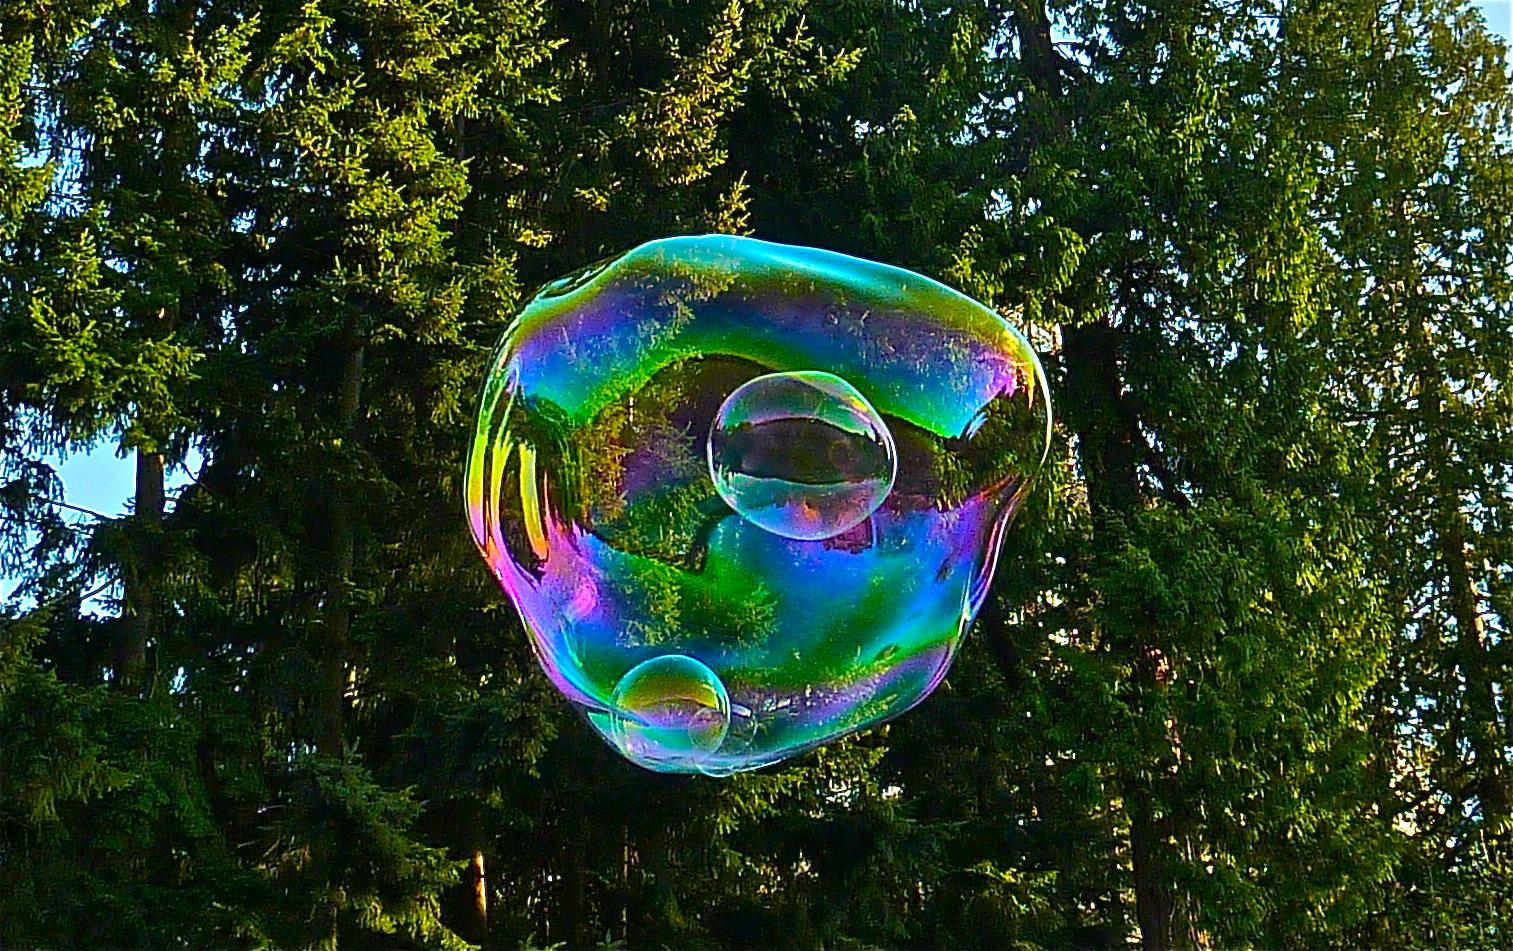 Blowing Large Soap Bubbles Claim Blowing Soap Bubbles